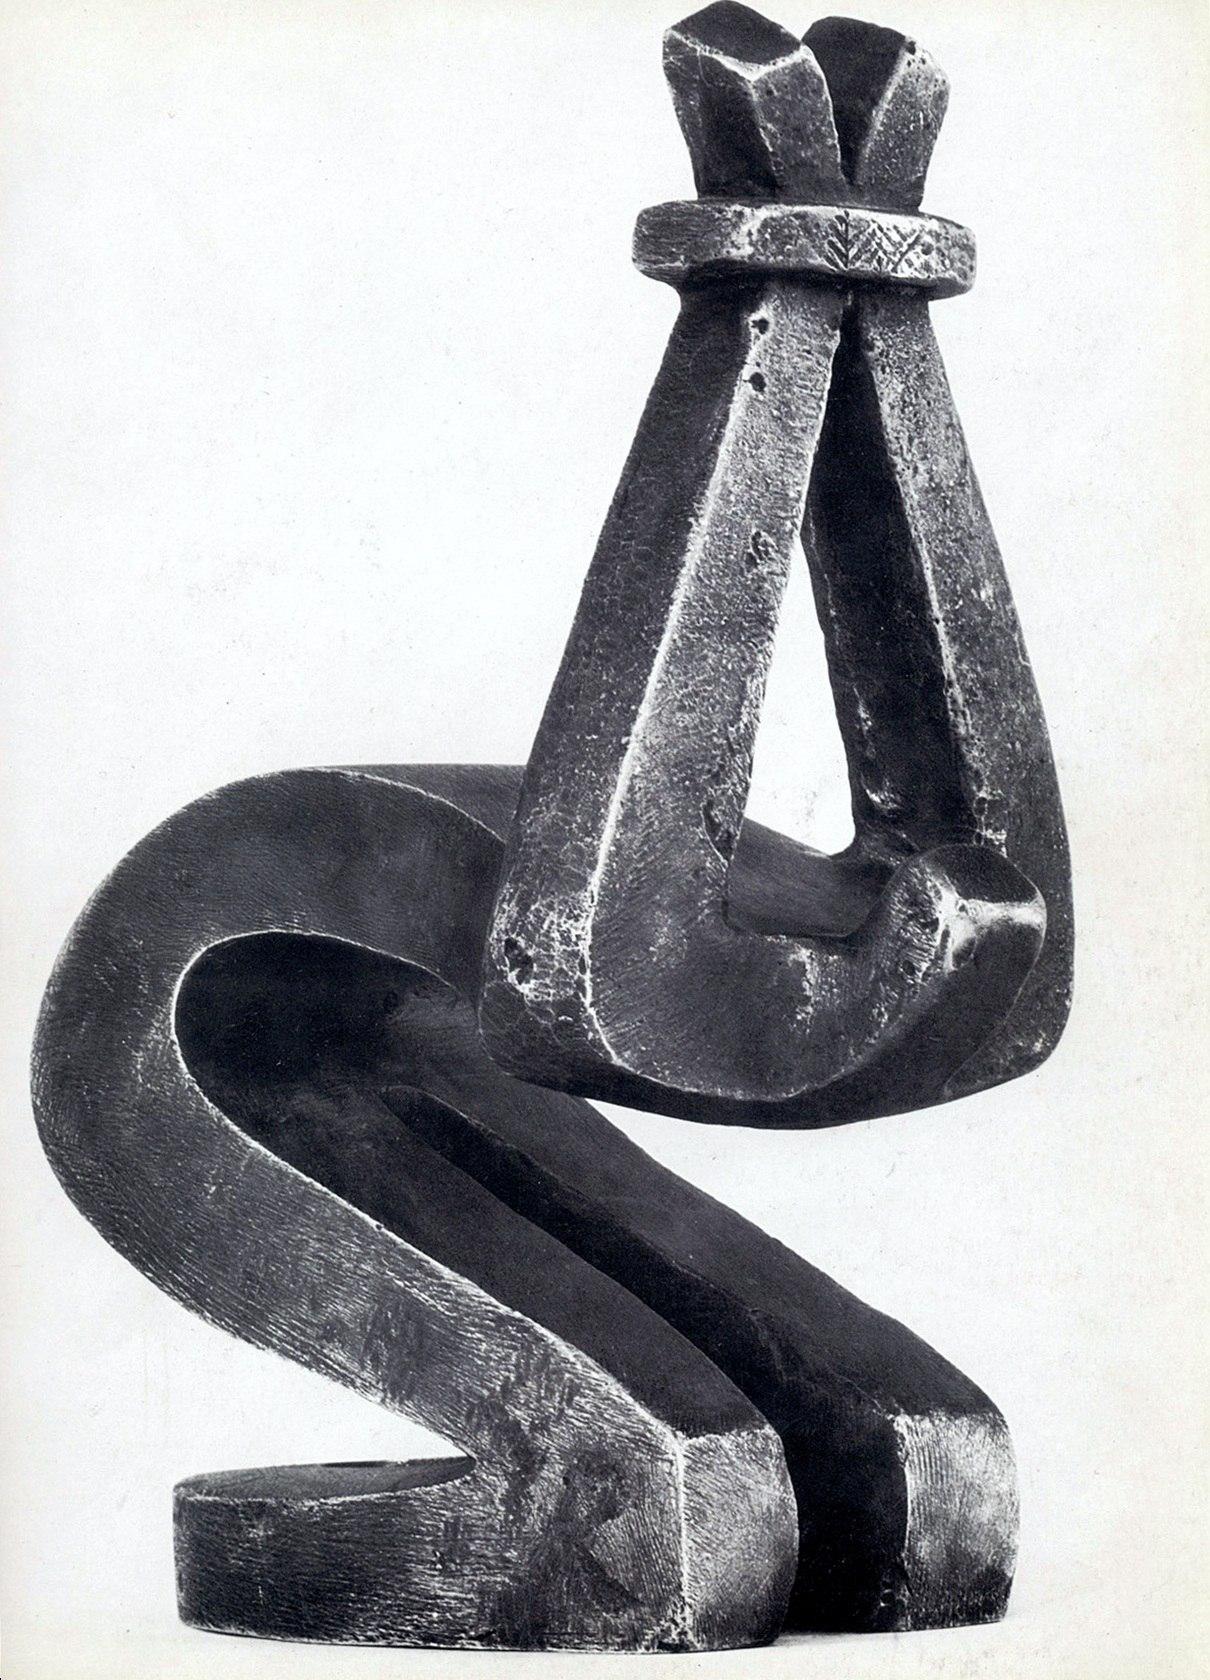 скульптура человека со связанными и вывернутыми руками